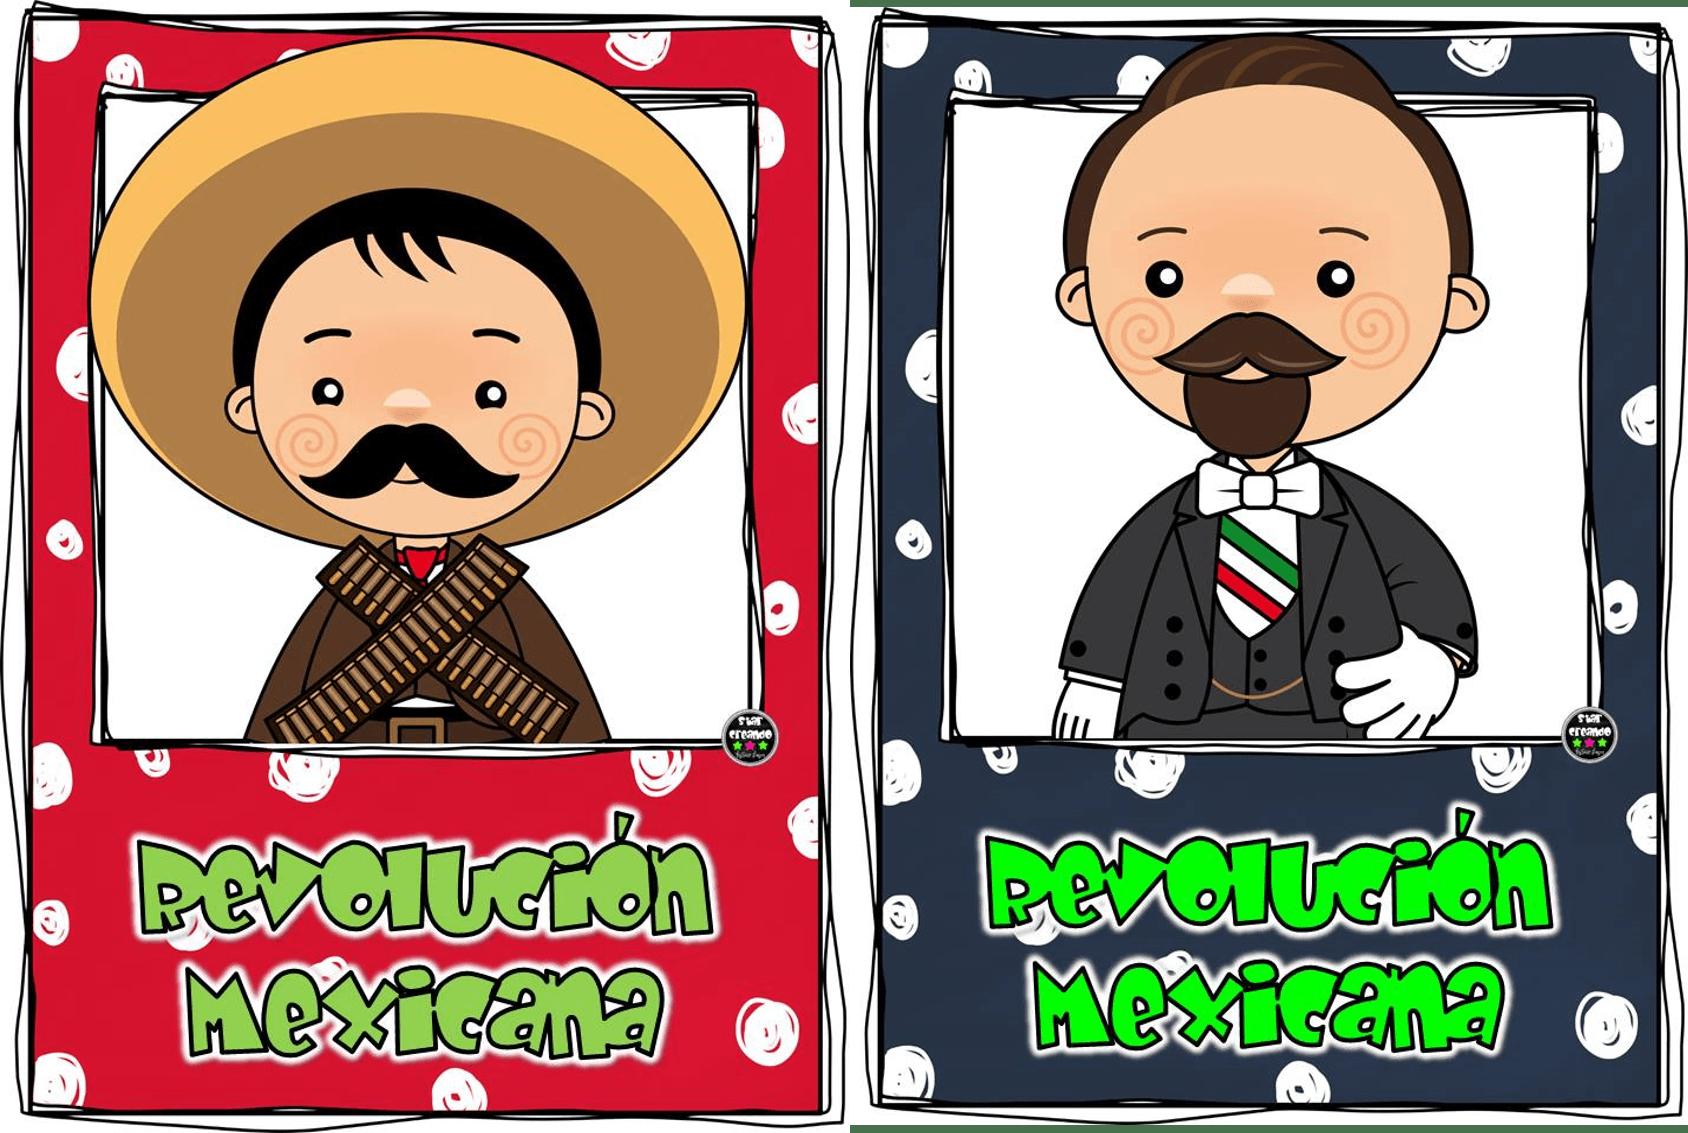 Dibujos Para Colorear 20 Noviembre Preescolar: Personajes Del 20 De Noviembre. Revolución Mexicana. Por